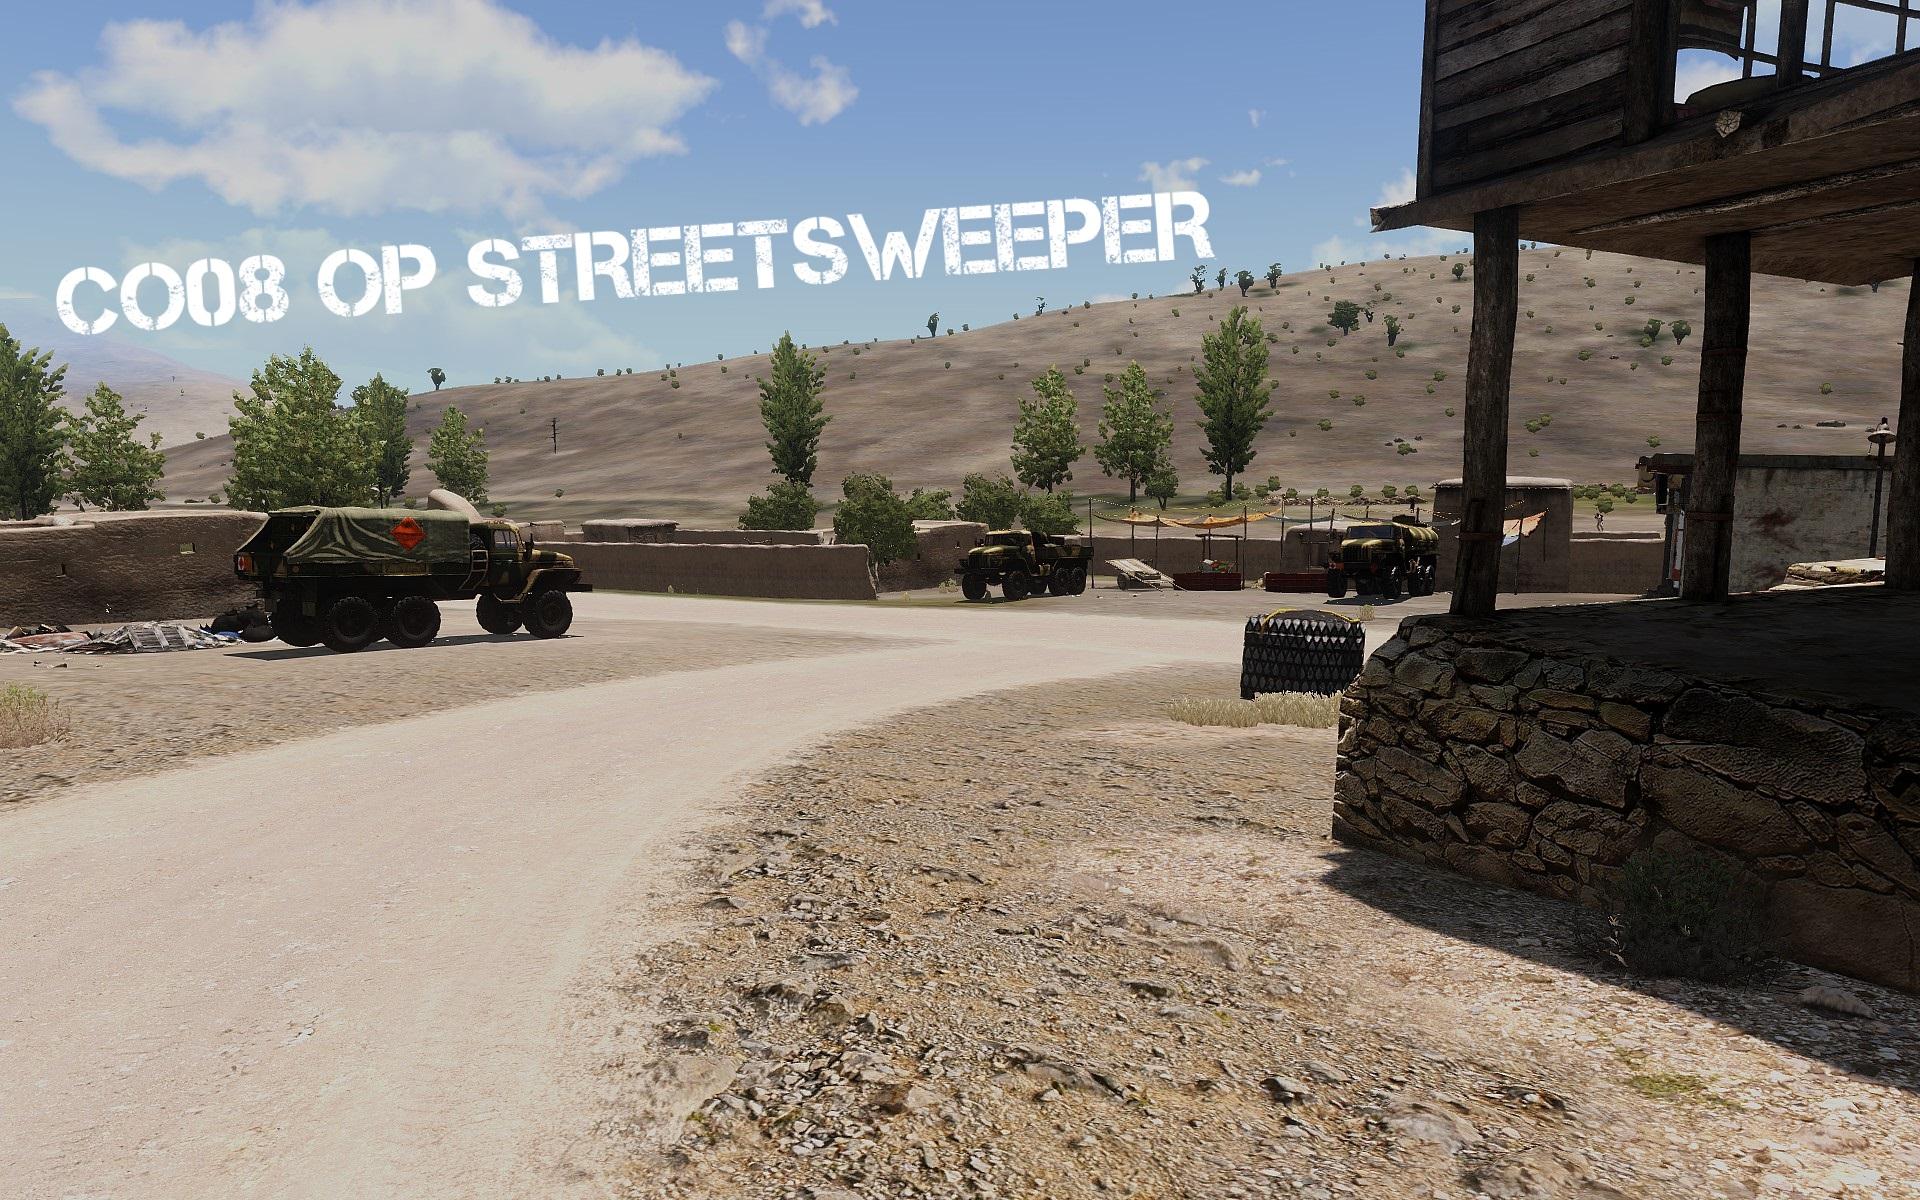 opStreetsweeper